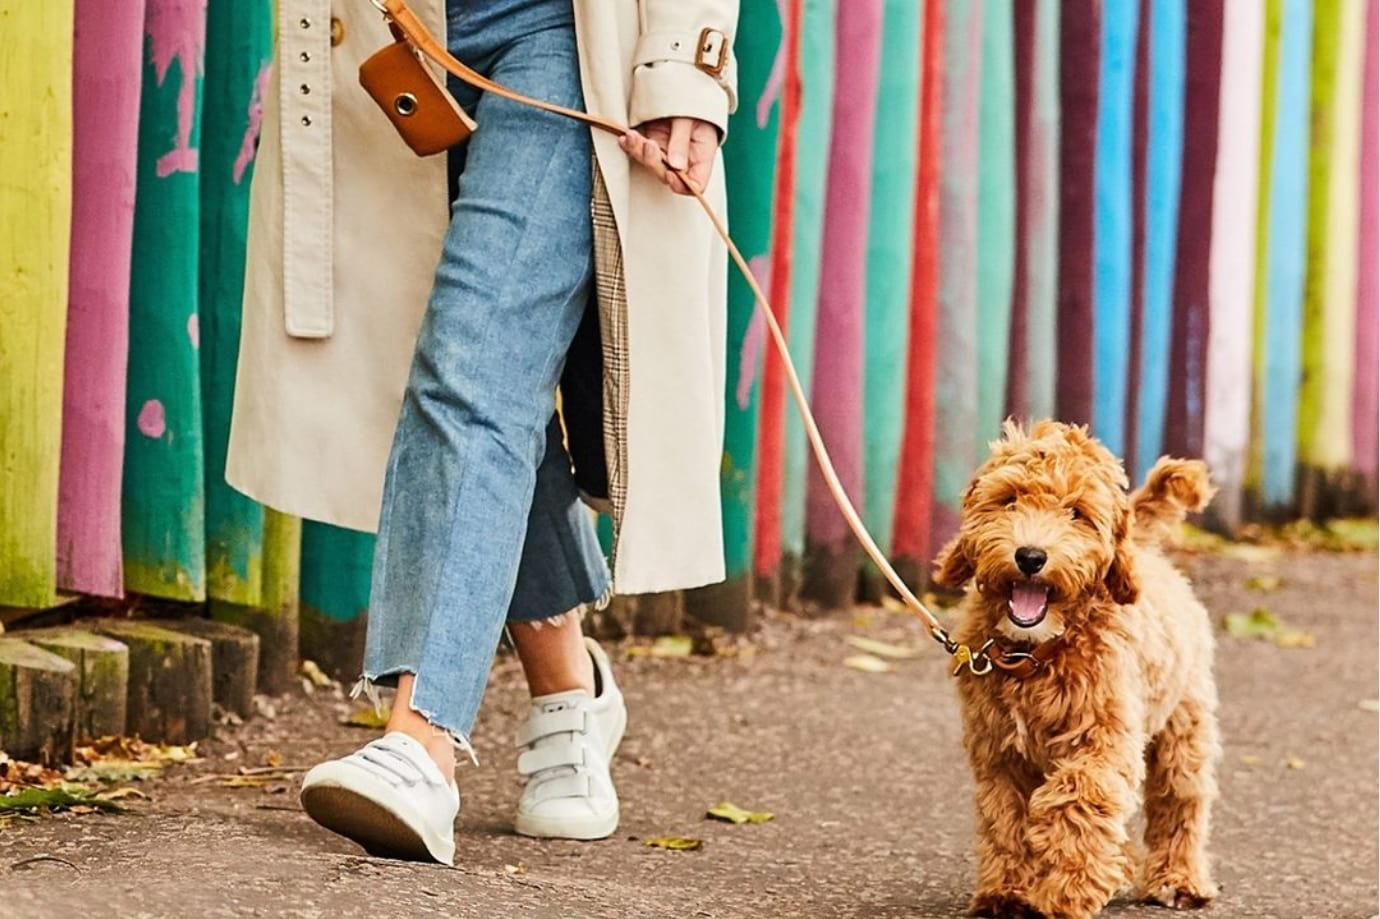 7 Best Dog Poop Bag Holders for Walking Ease